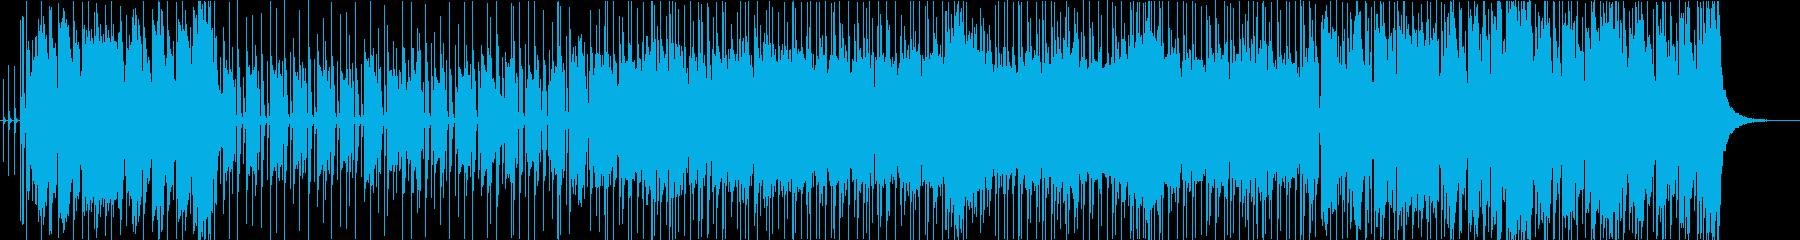 <ギター生演奏>海、軽快,トロピカルの再生済みの波形